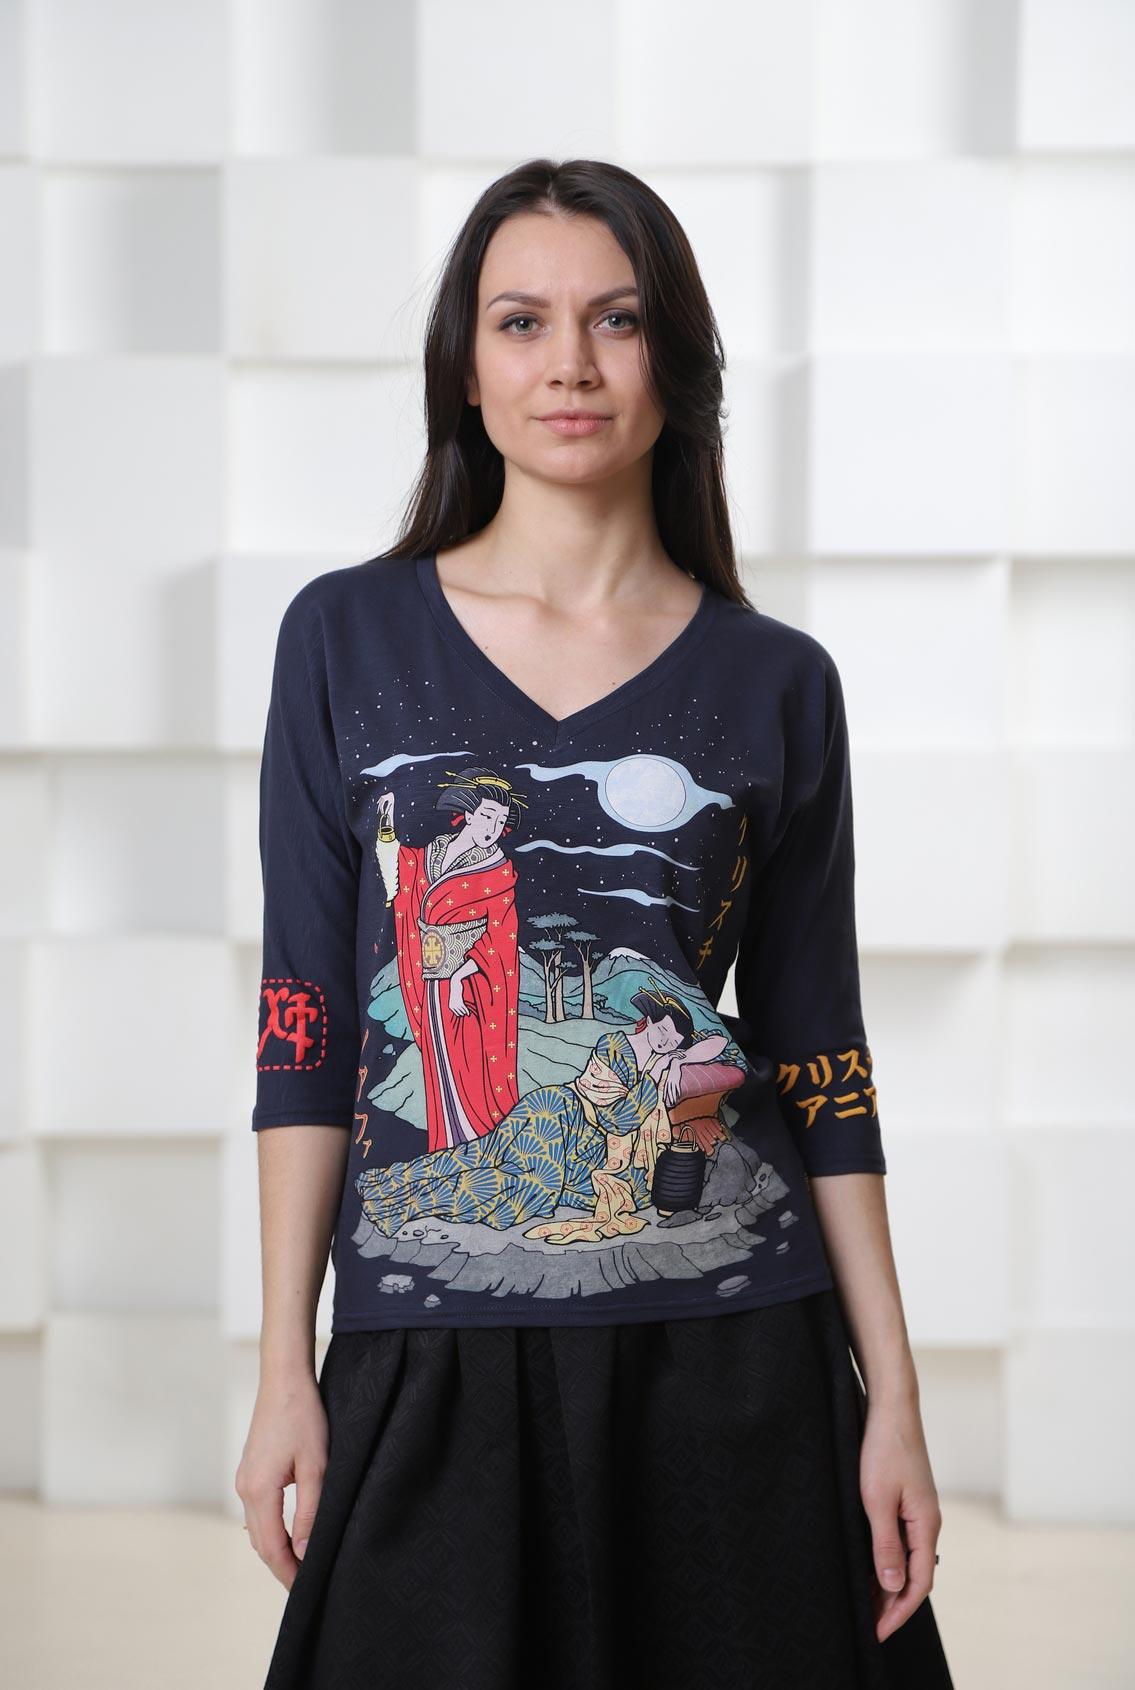 Футболка Христиания, Xristiania T-Shirt